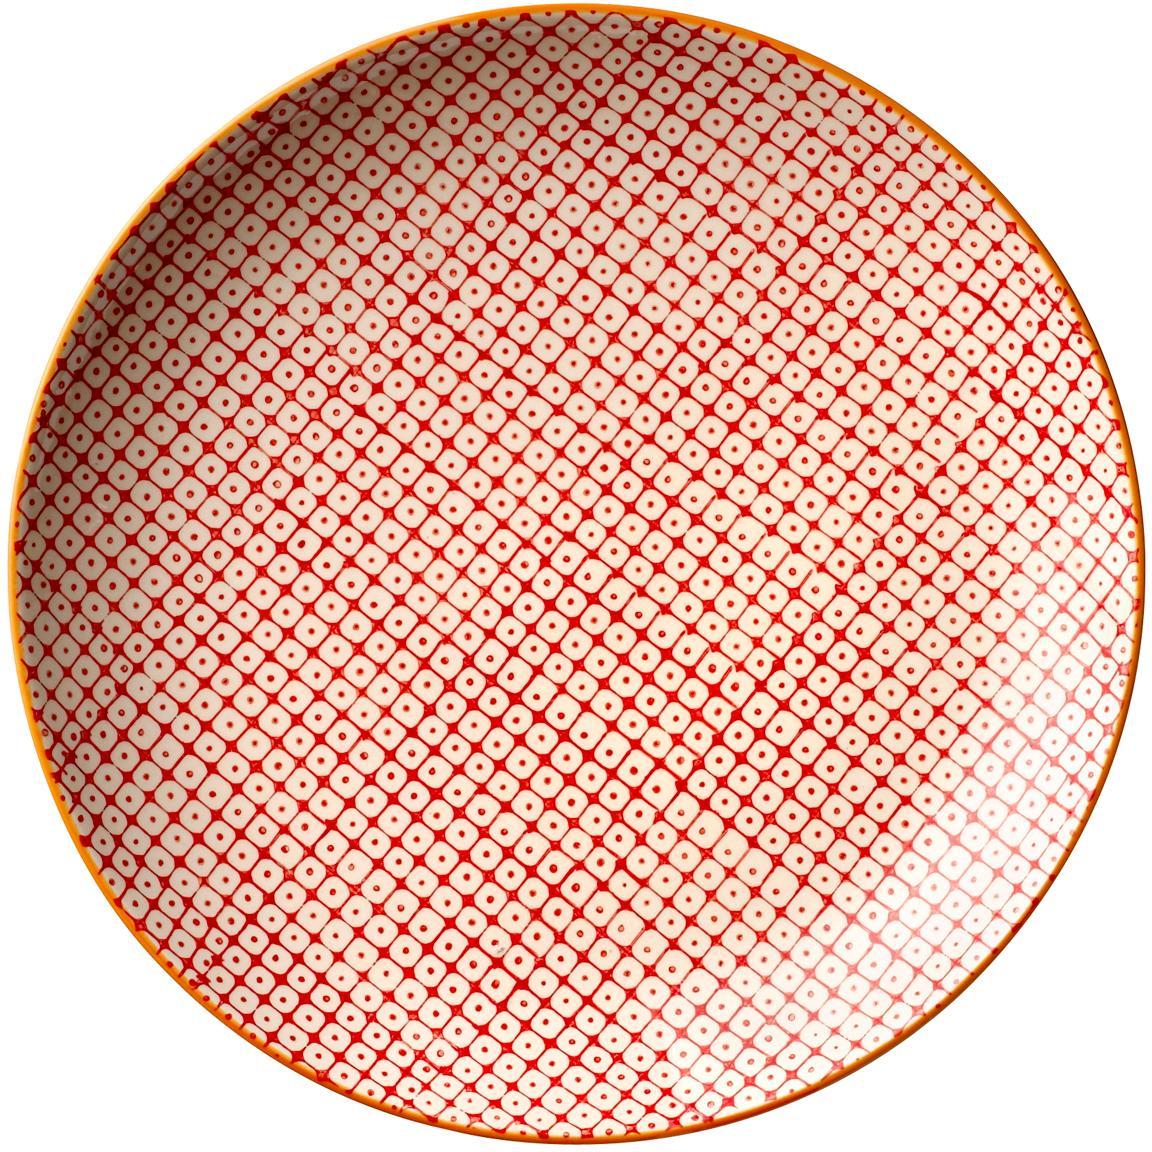 Frühstücksteller Carla mit kleinem Muster, 3er-Set, Keramik, Rot, Grün, Blau, Ø 20 cm